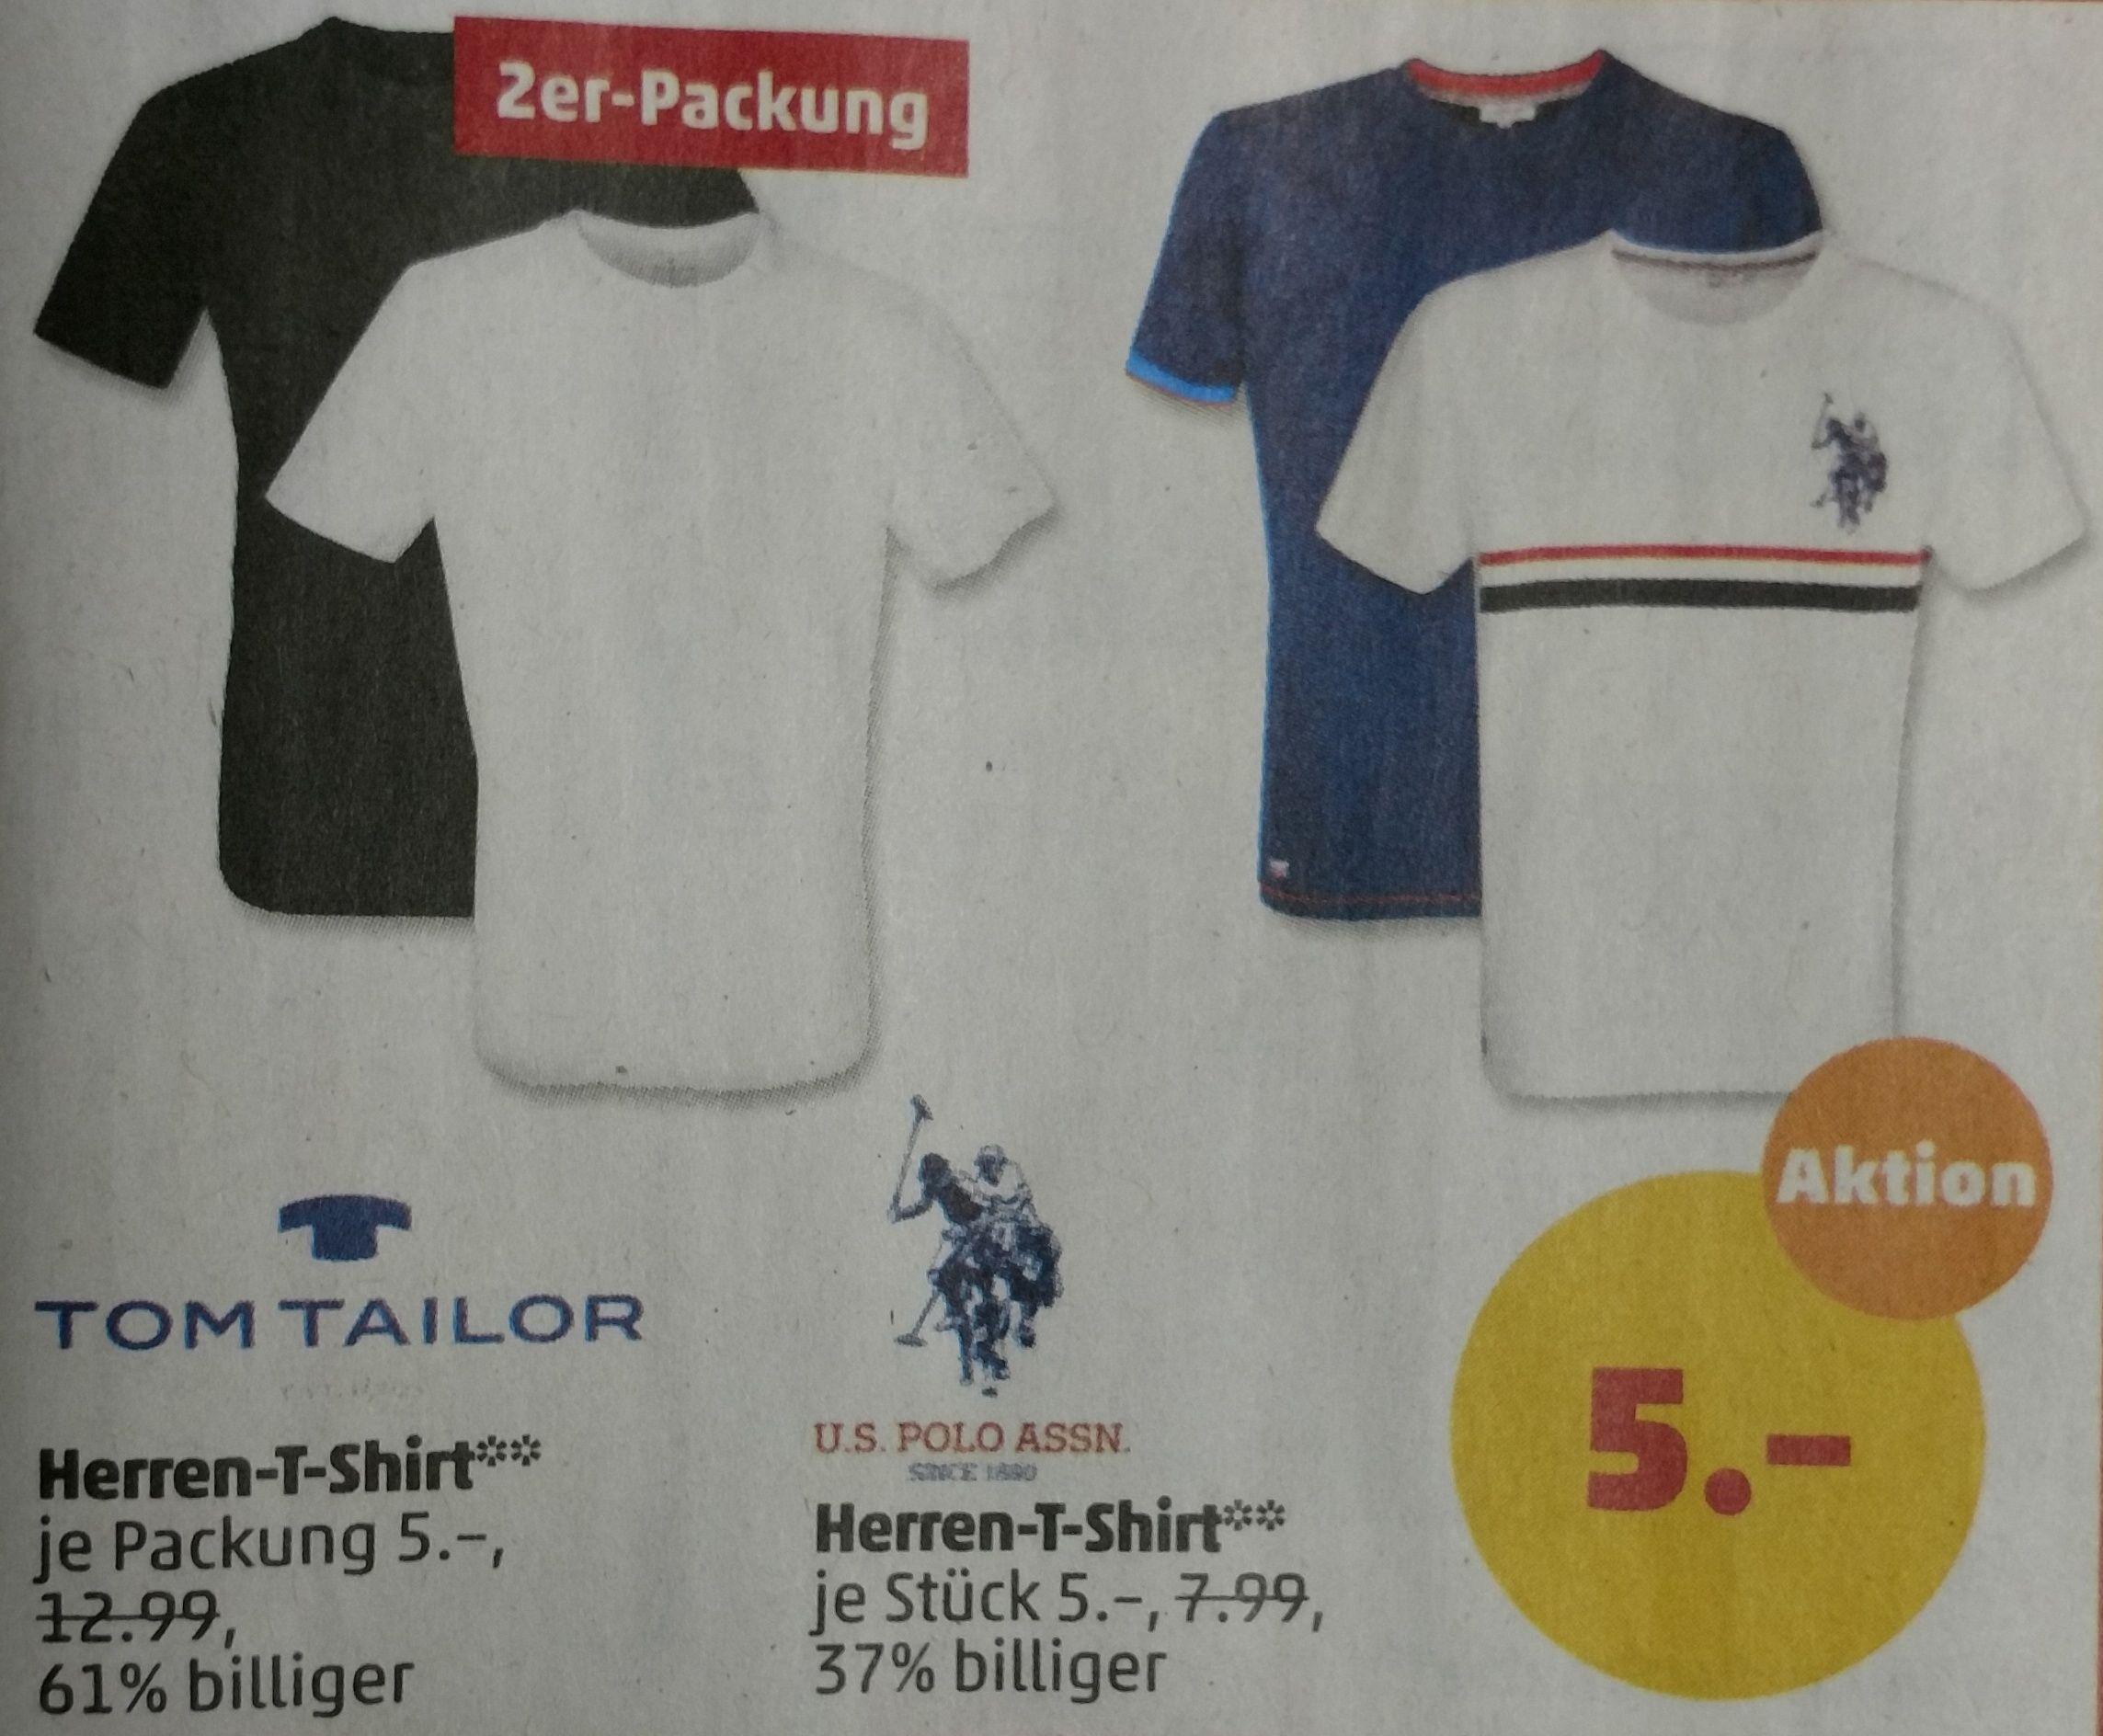 Tom Tailor oder U.S. Polo Assn. Herren Kurzarm T-Shirt mit Rundhalsausschnitt [Lokal Penny Limburg]